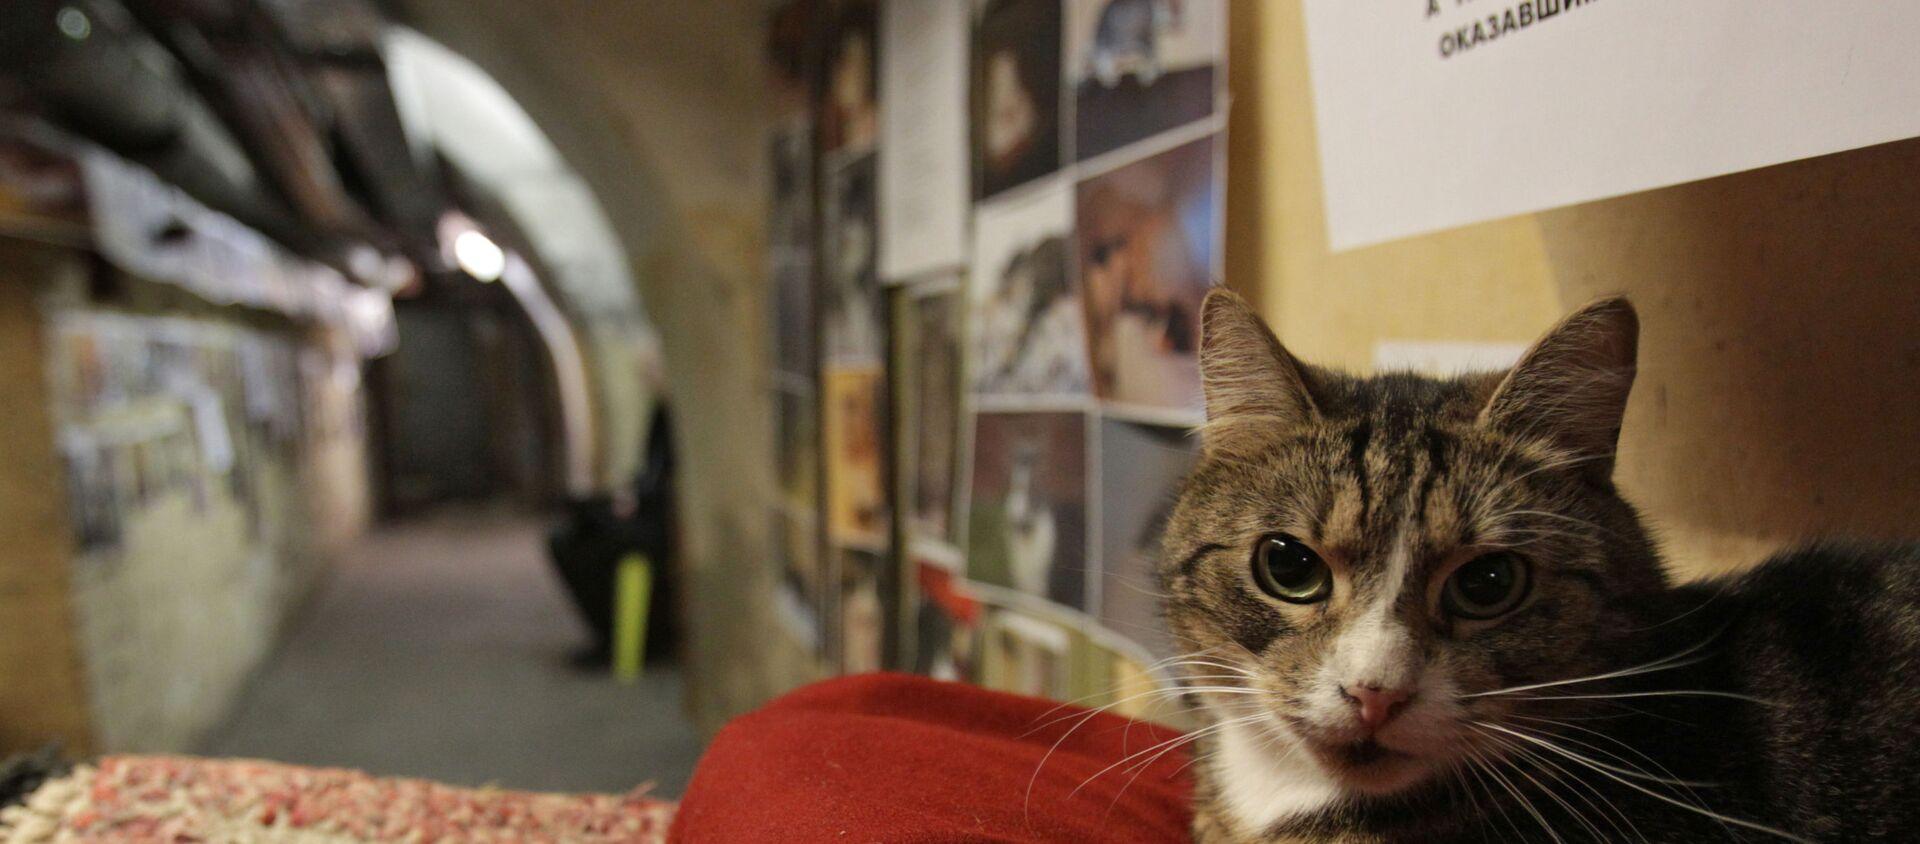 Un chat de l'Ermitage - Sputnik France, 1920, 02.12.2020